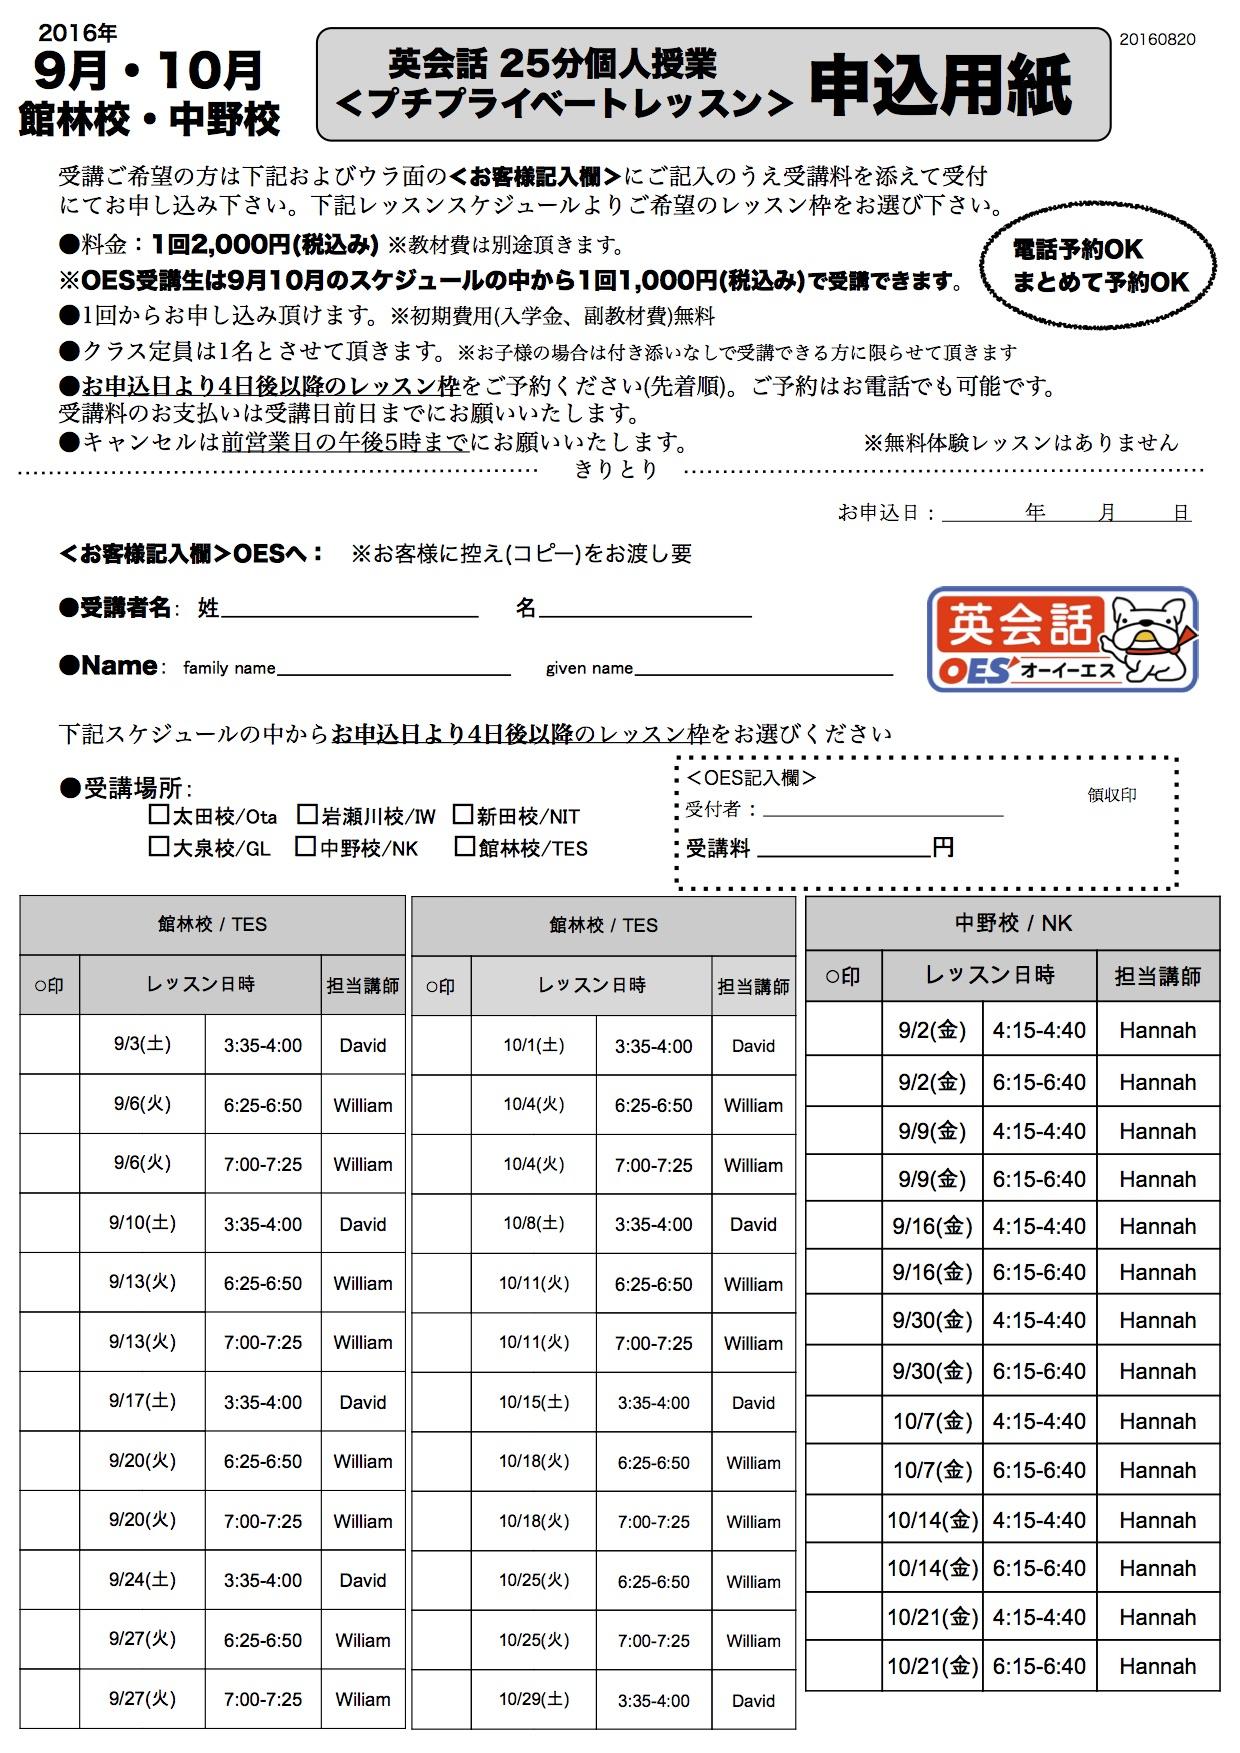 9月10月館林校・中野校 プチプライベートレッスン申込用紙